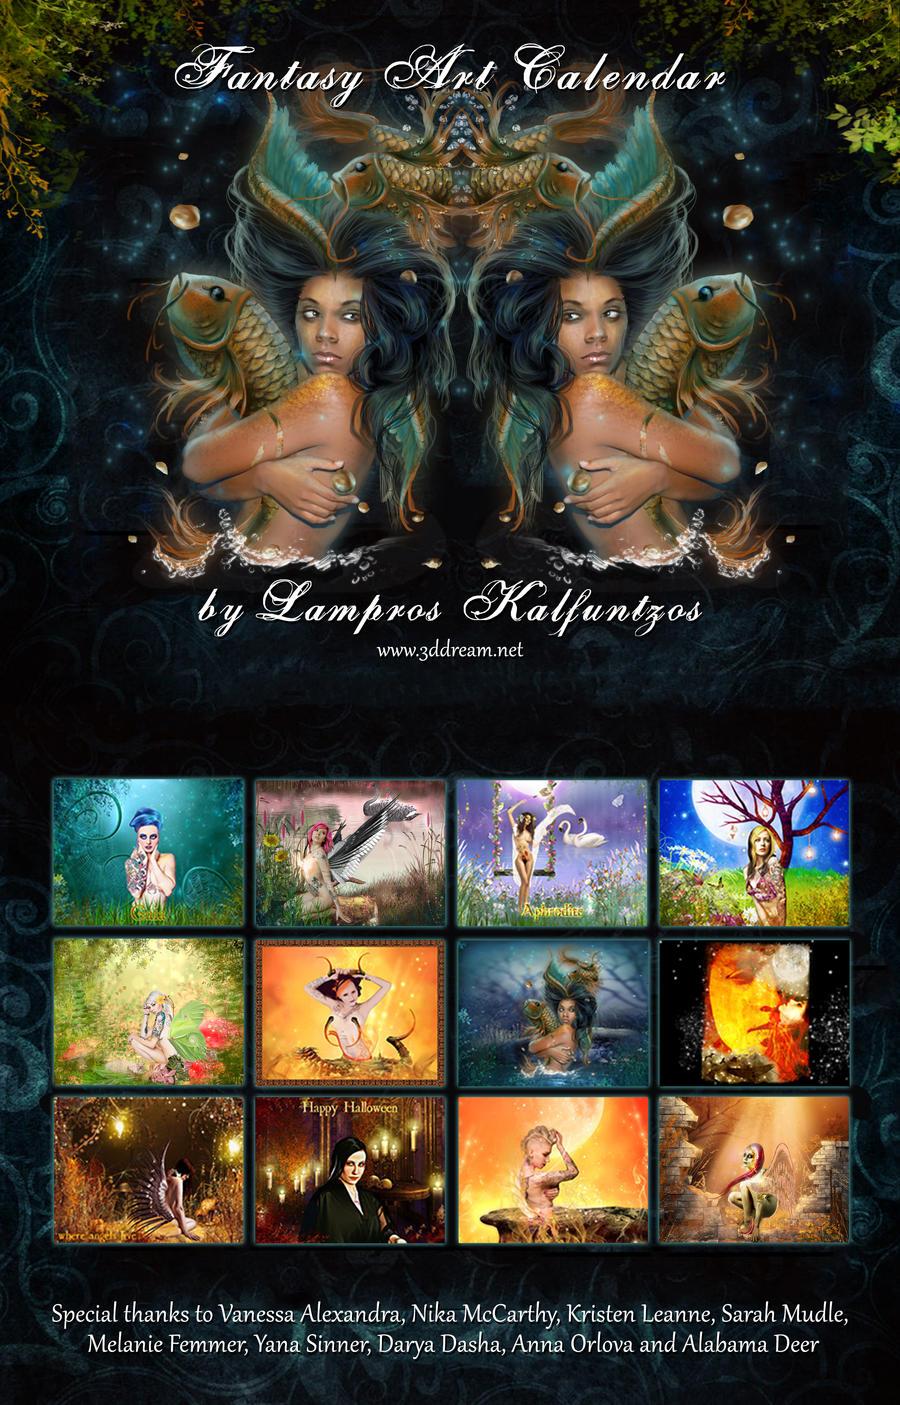 Deviantart Calendar : Fantasy art calendar by ddream on deviantart